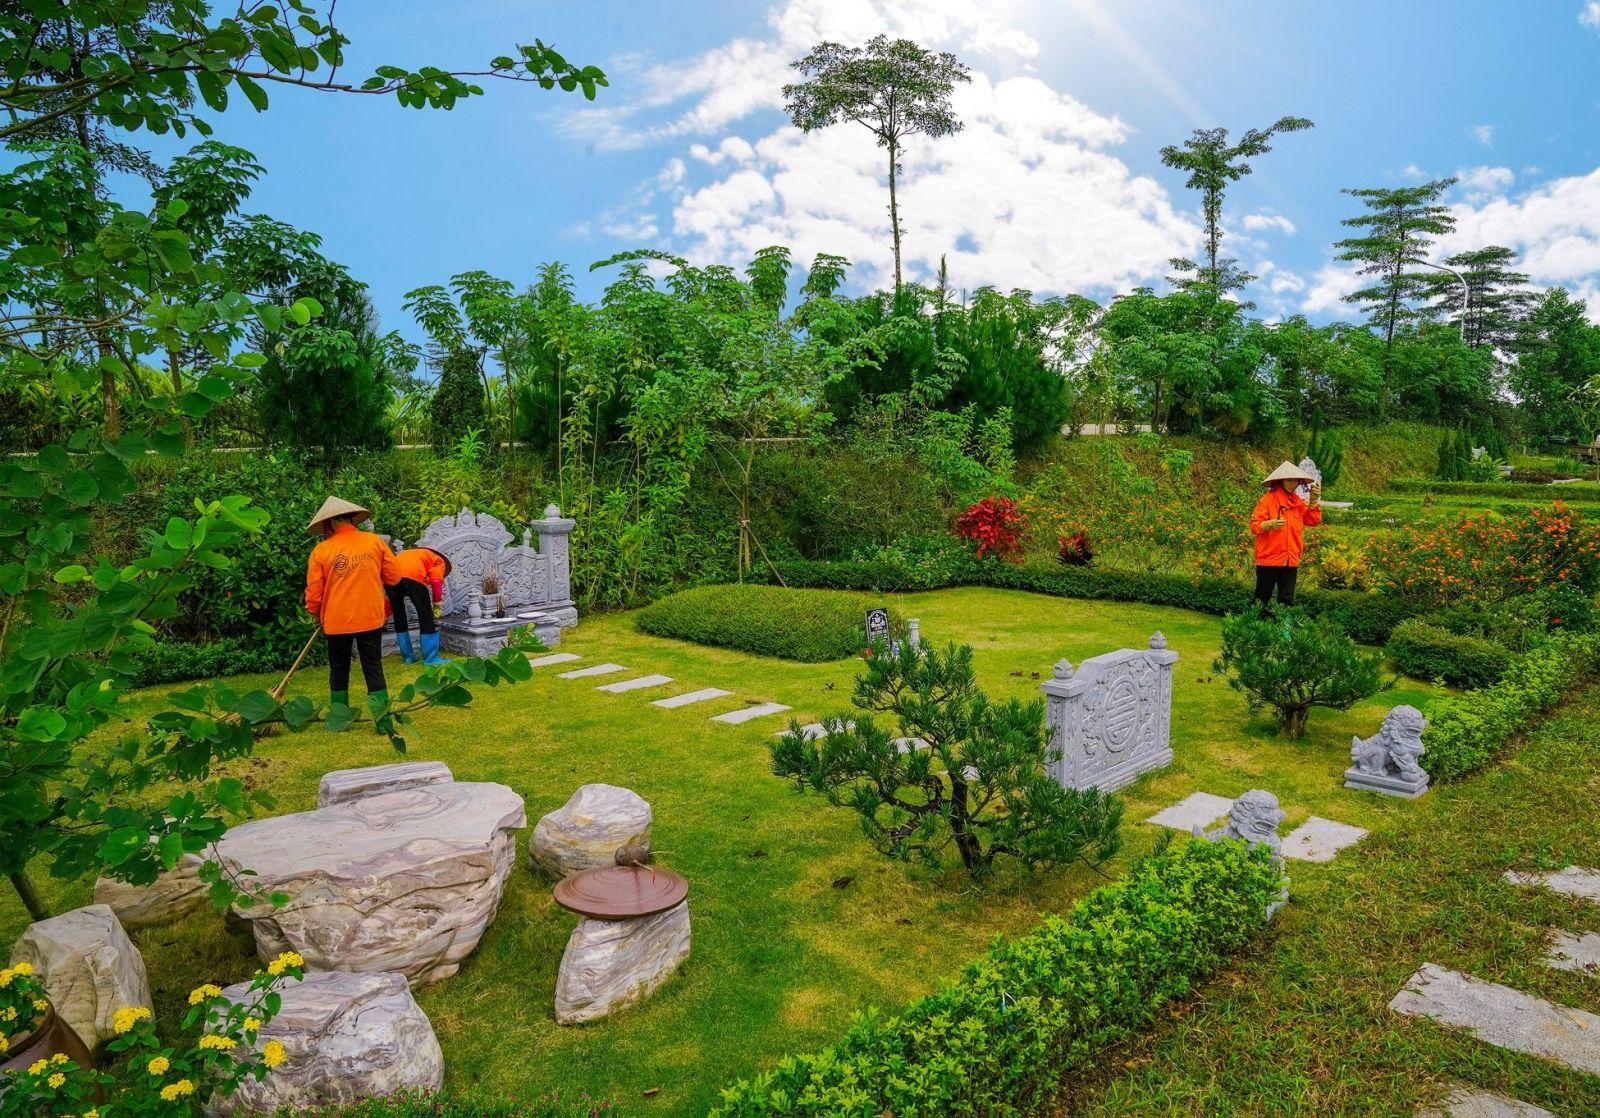 Dịch vụ chăm sóc mộ phần tại công viên Thiên Đức sạch sẽ